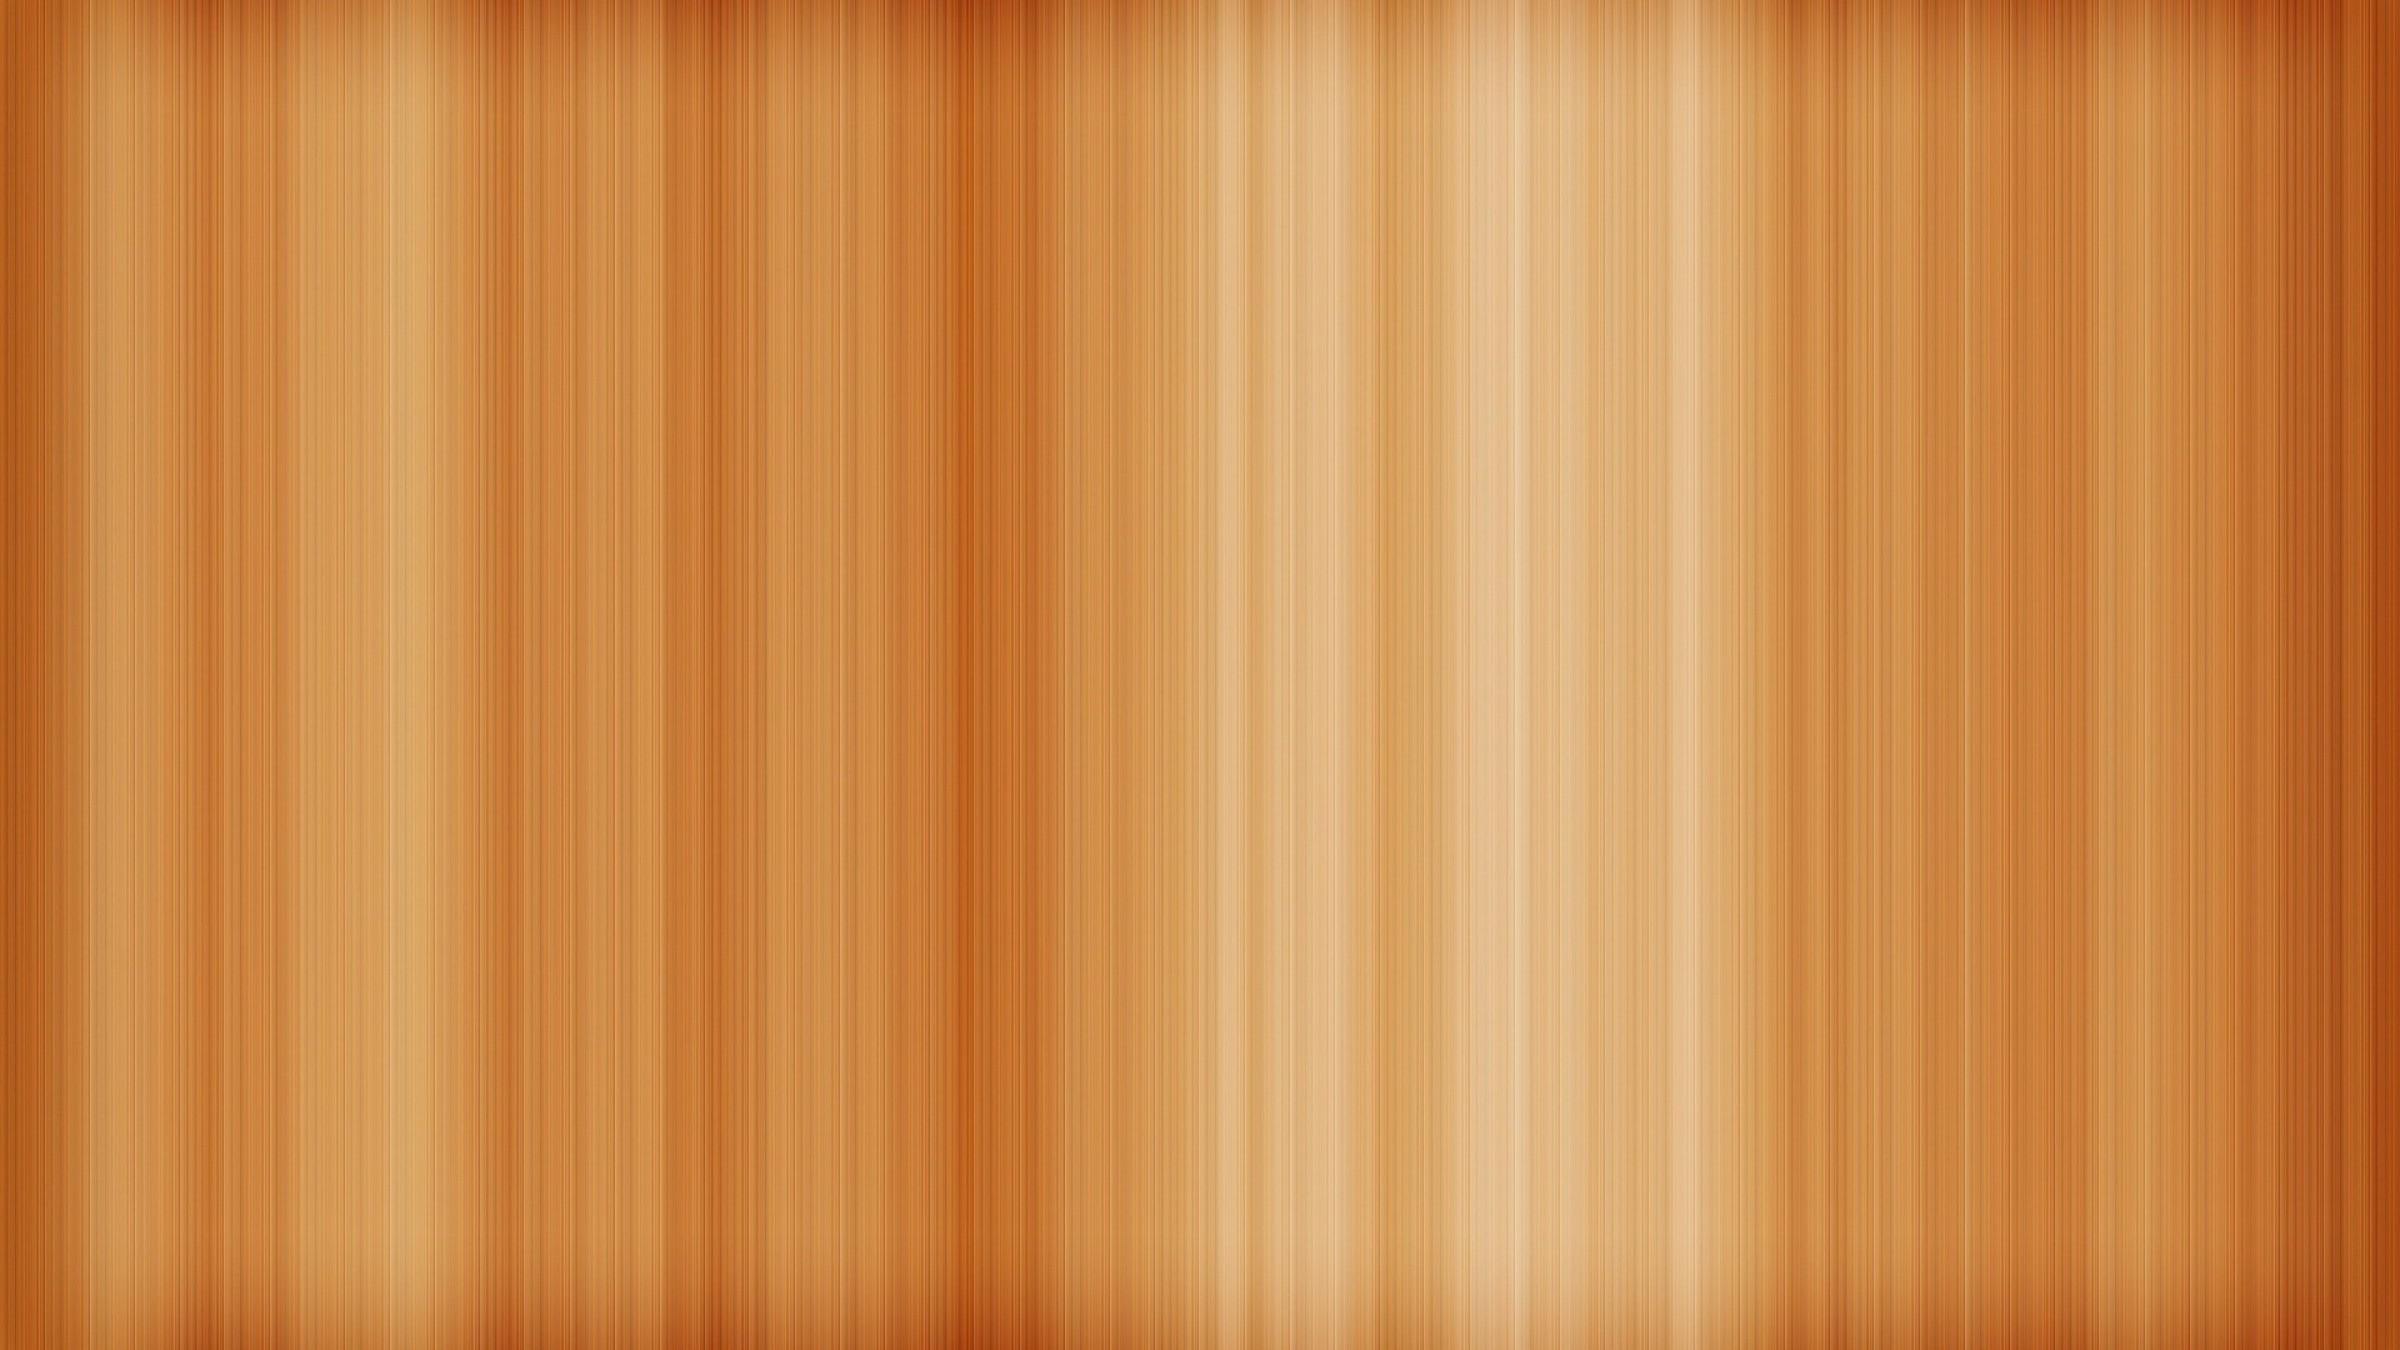 بالصور خلفيات خشب , اجمل الخلفيات الخشبيه 3502 2